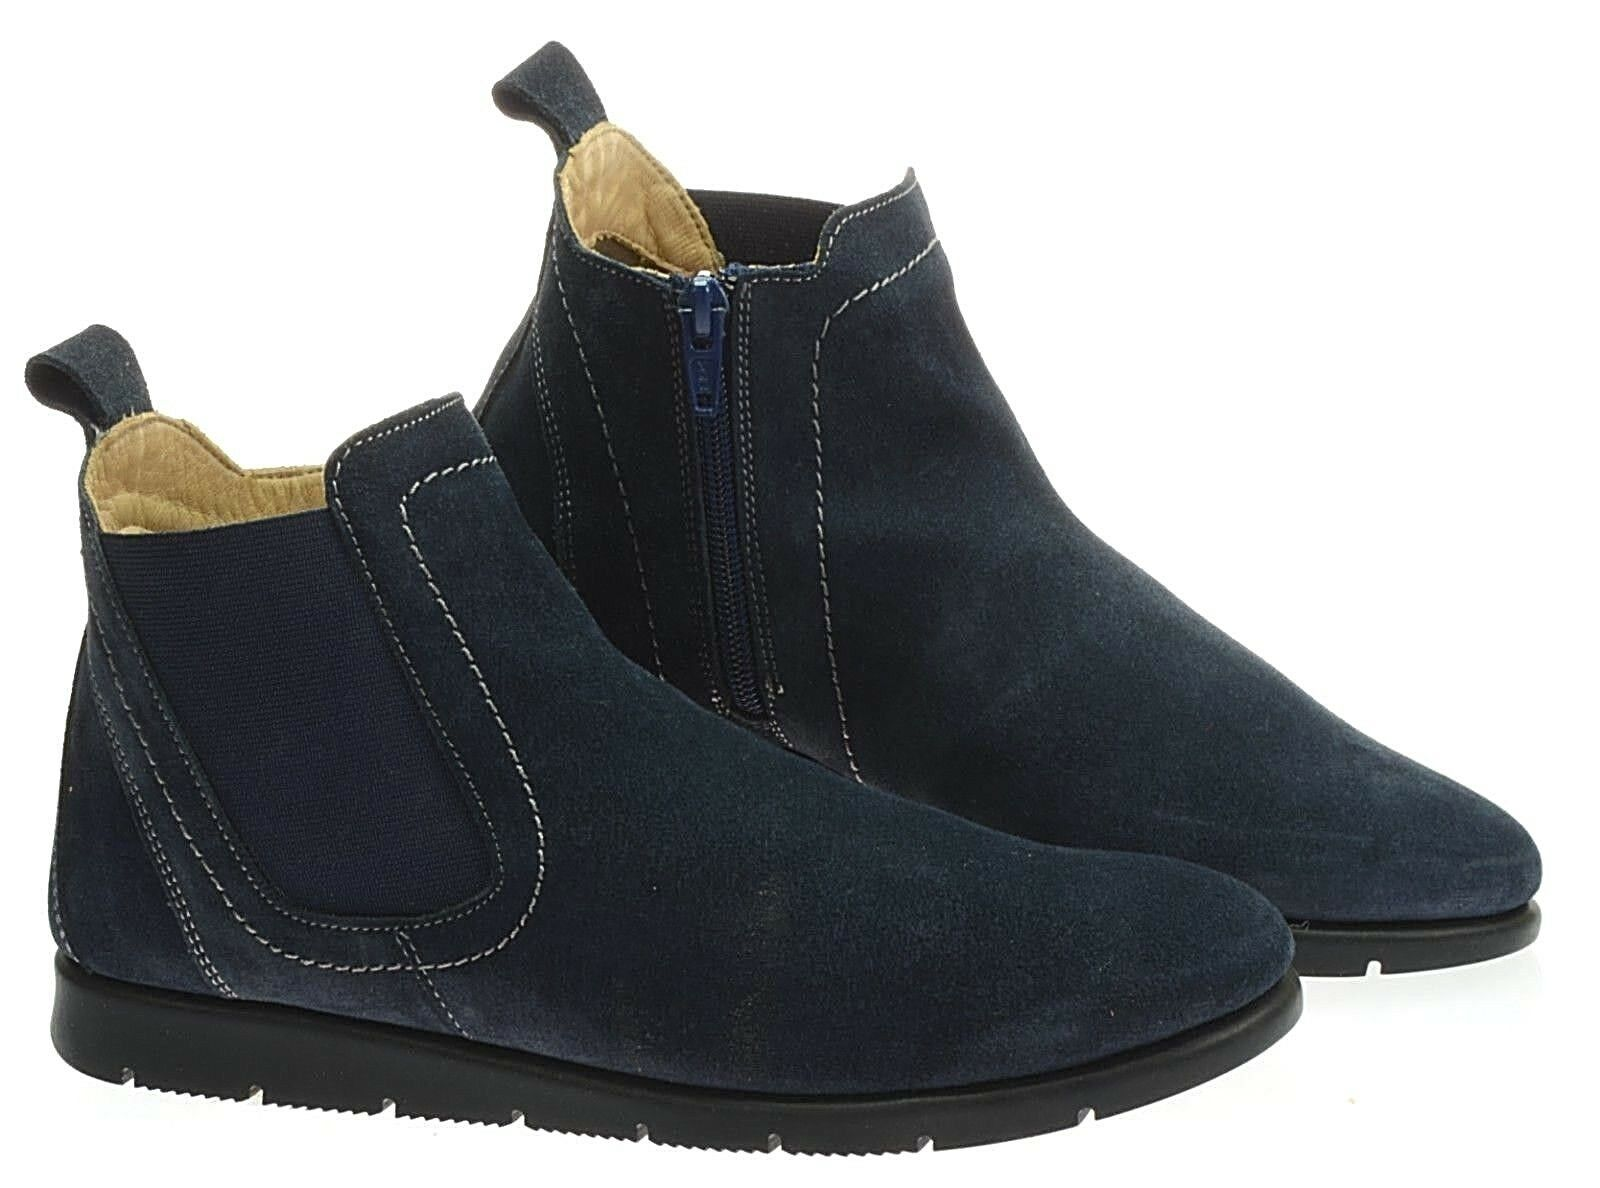 DARKWOOD botas azul 7058 W 065Ü 065Ü 065Ü ORIGINAL de Marina de guerra real cuero zip bbda80